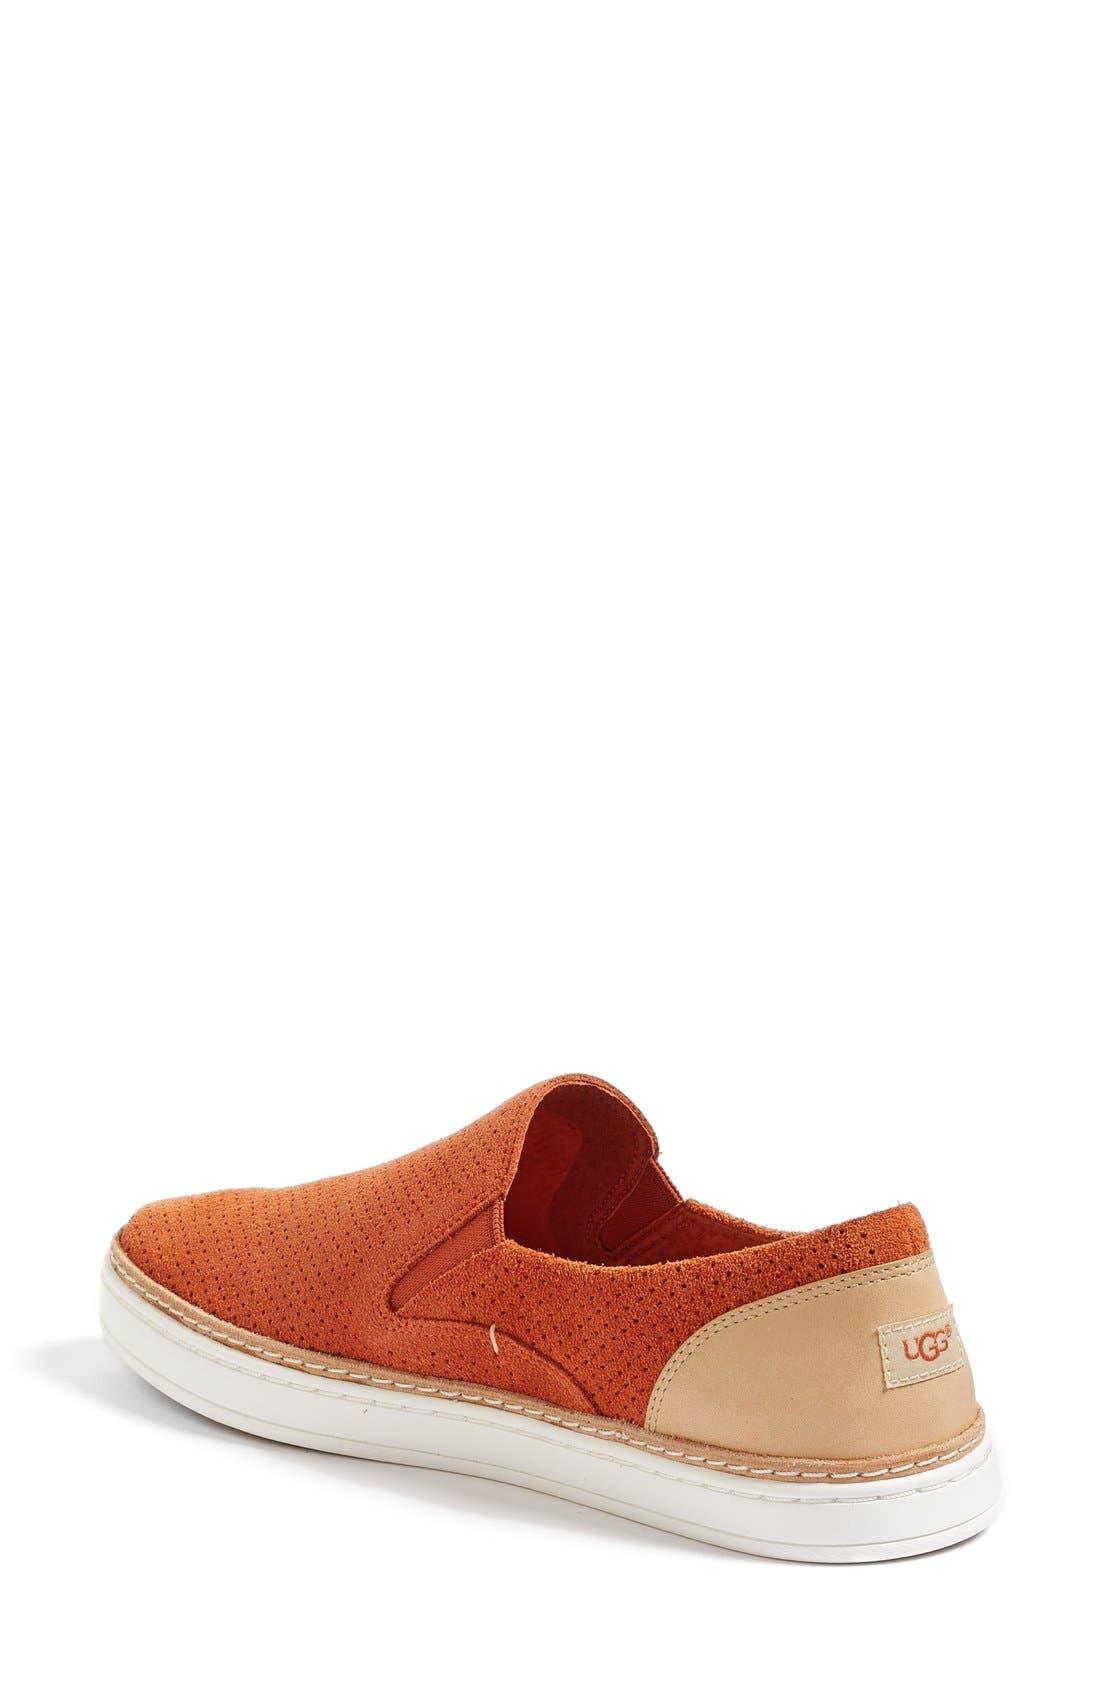 Adley Slip-On Sneaker,                             Alternate thumbnail 65, color,